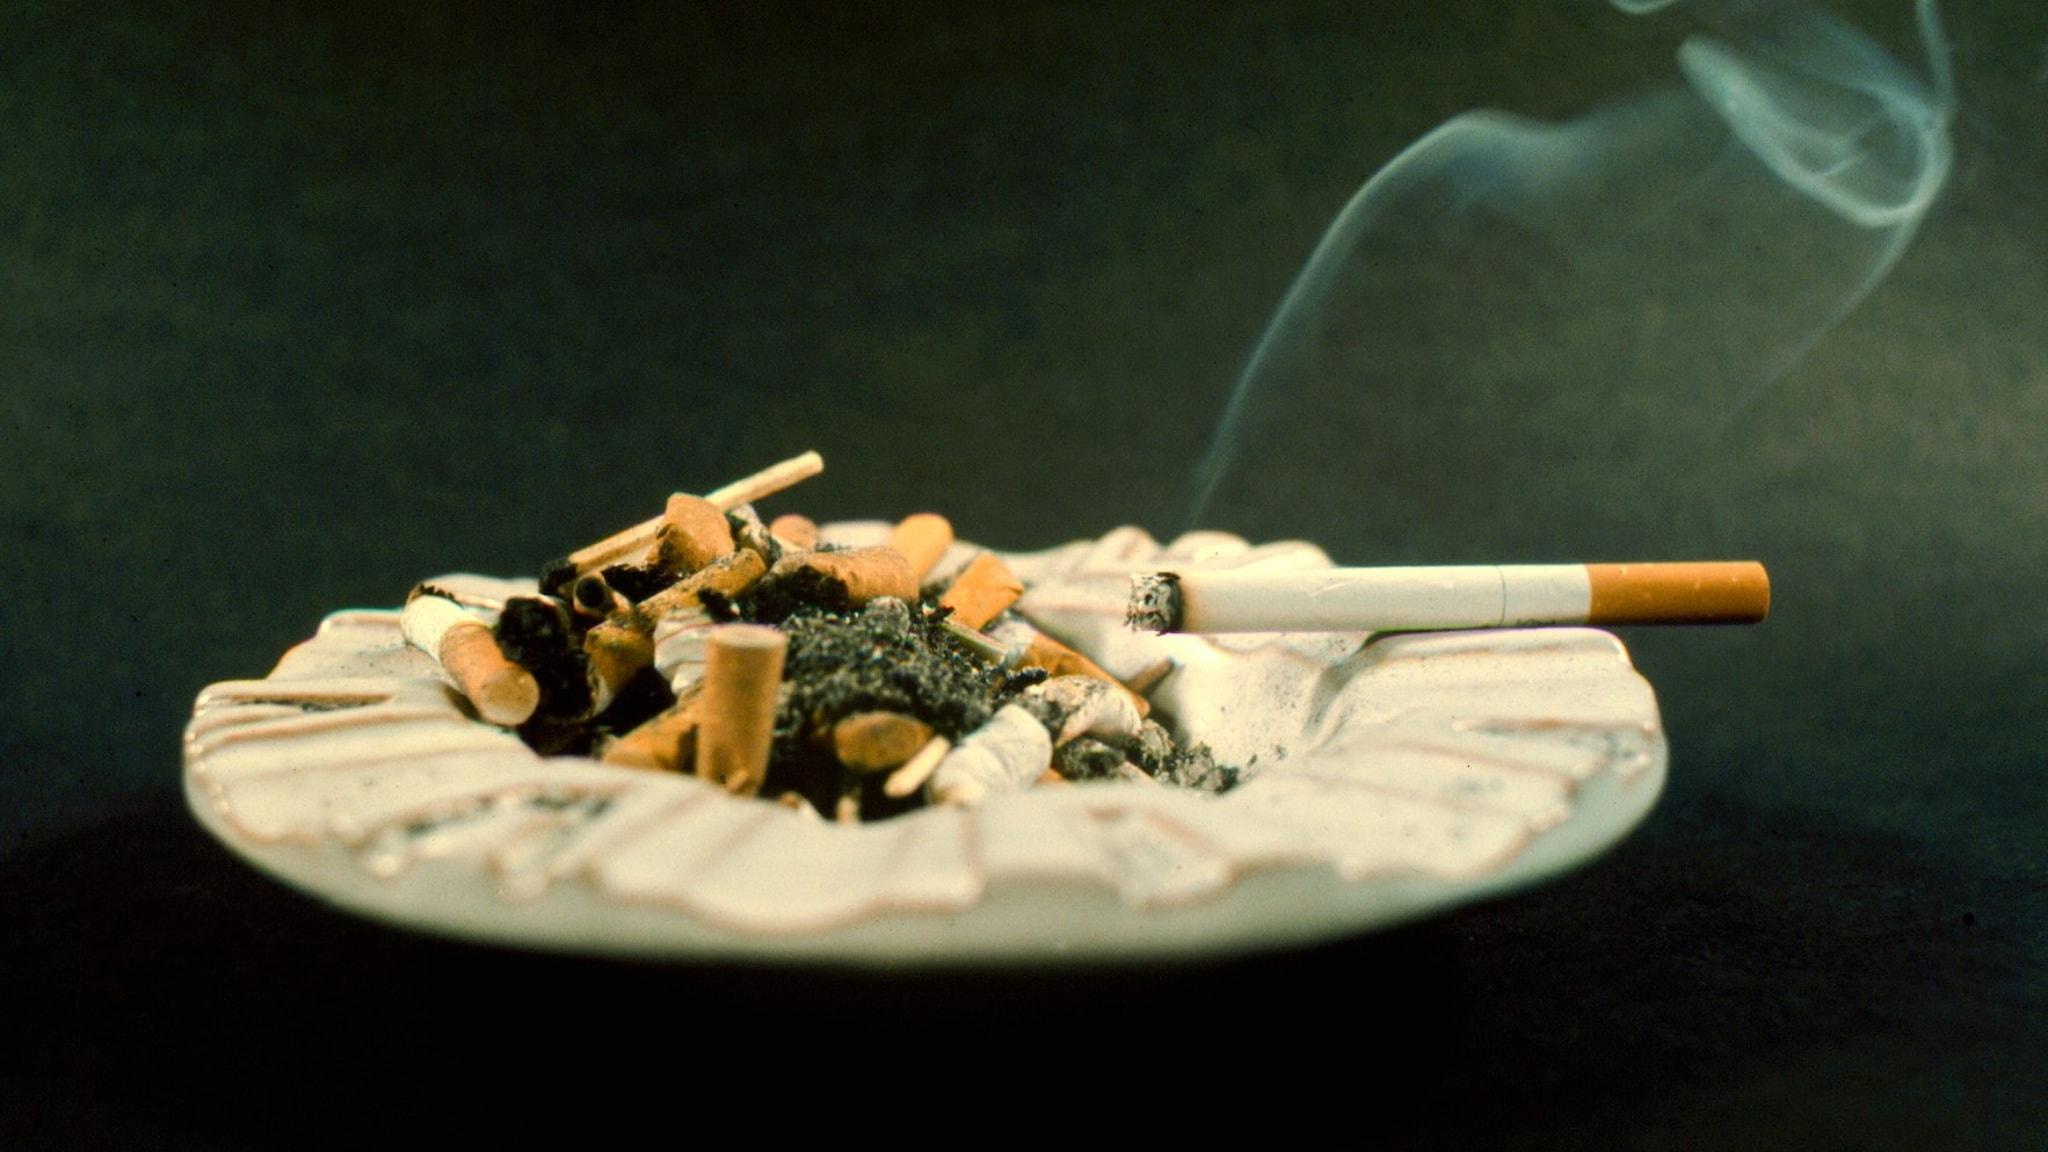 Bilden visar ett askfat med en rykande cigarett.